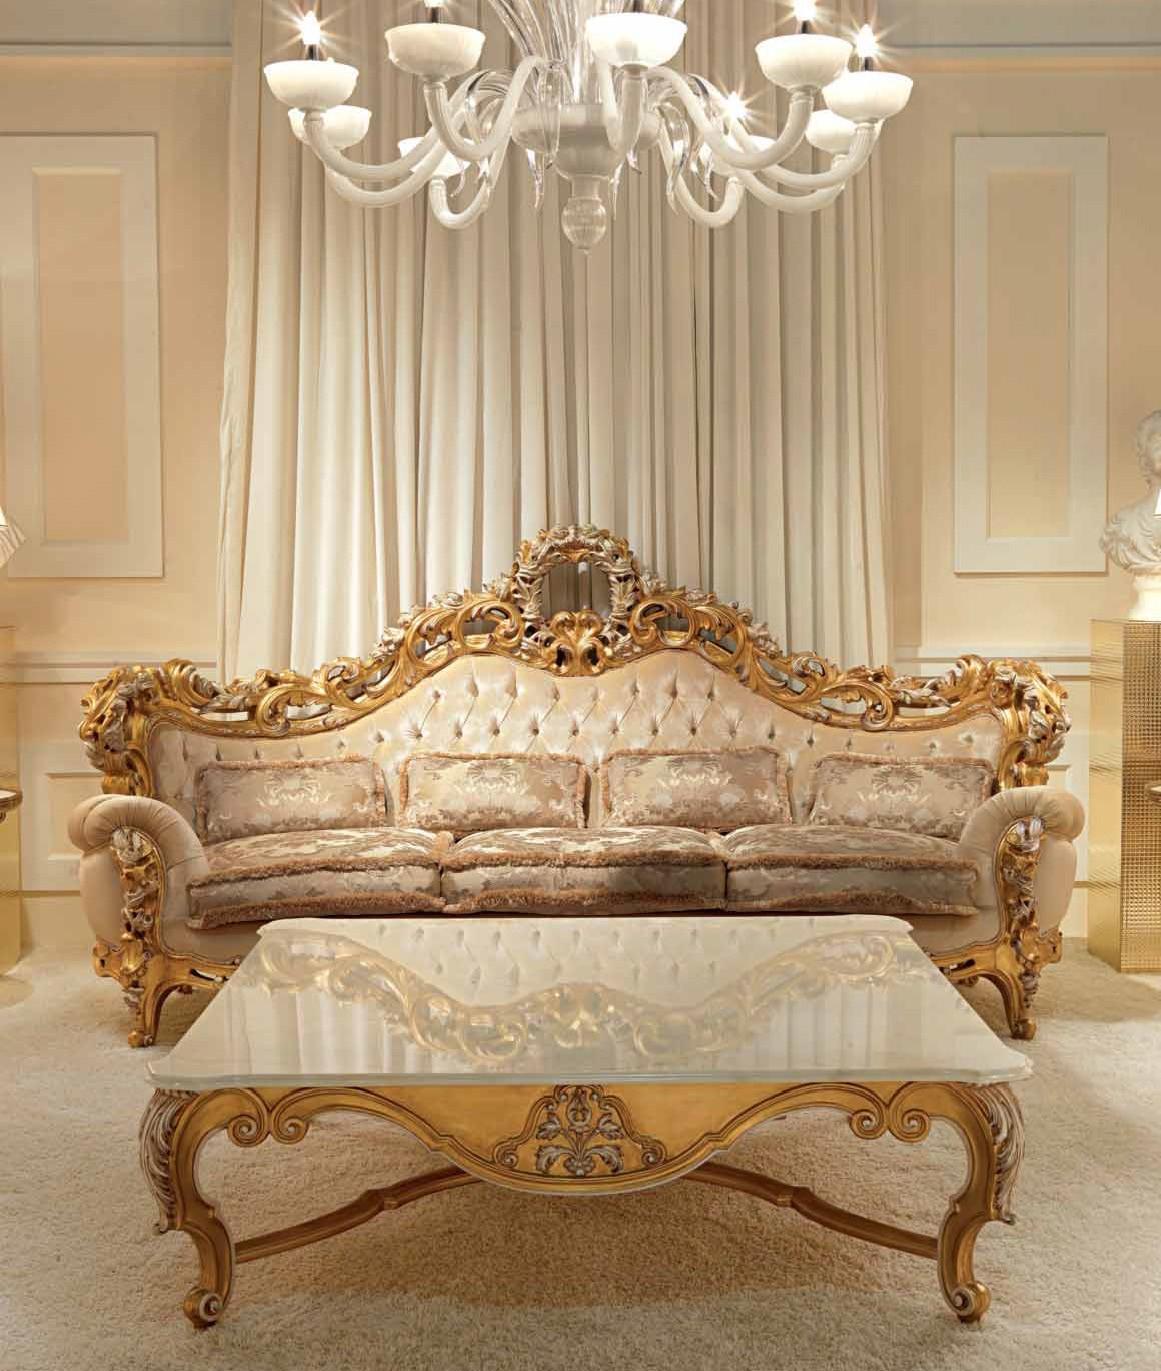 Elegant Furniture: Elegant And Royal Golden Plush Living Room Furniture Set